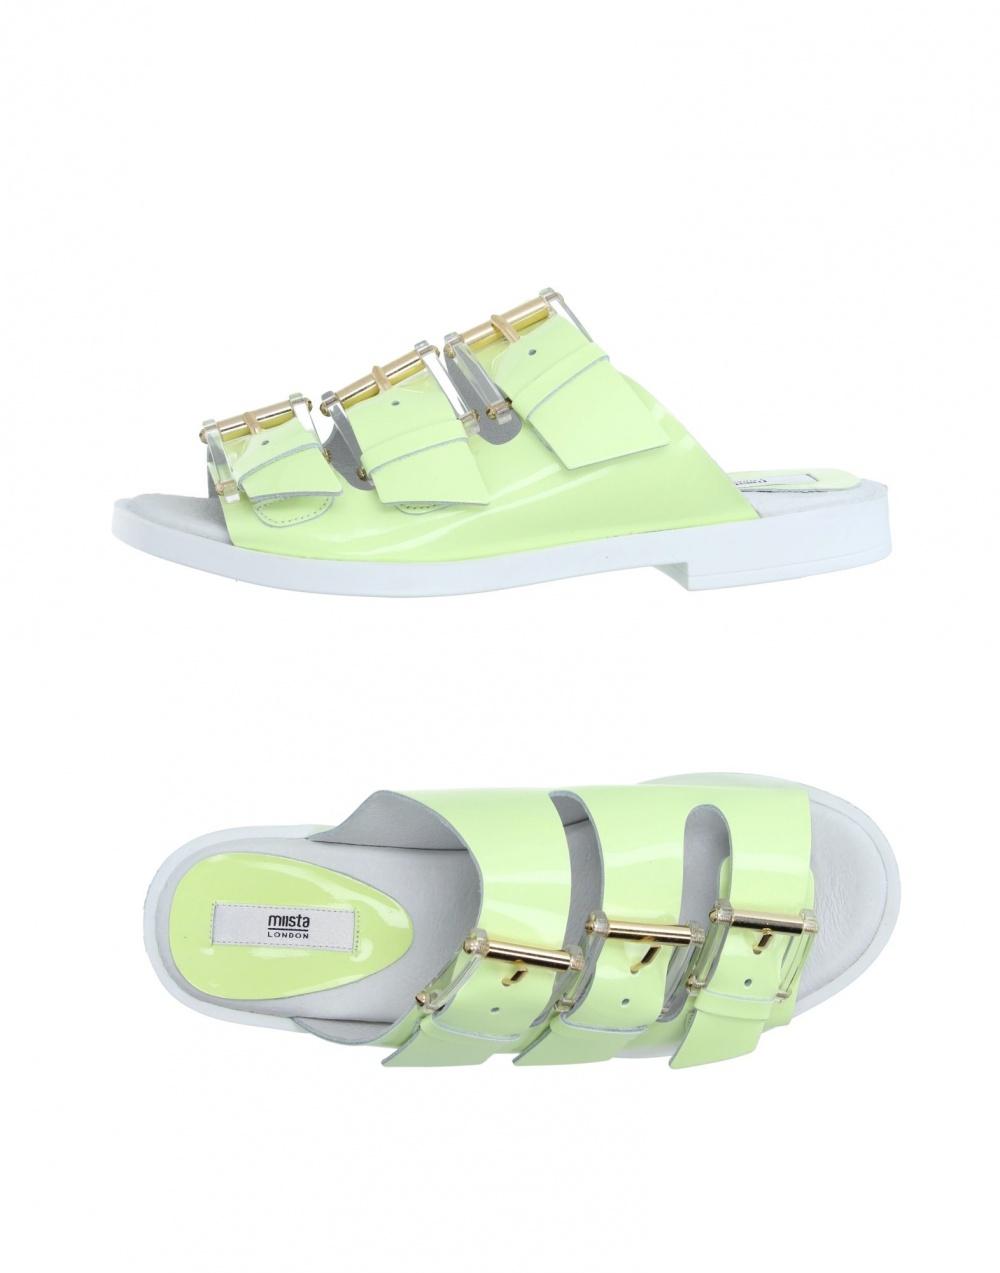 Новые кожаные сандалии Miista 41 размера